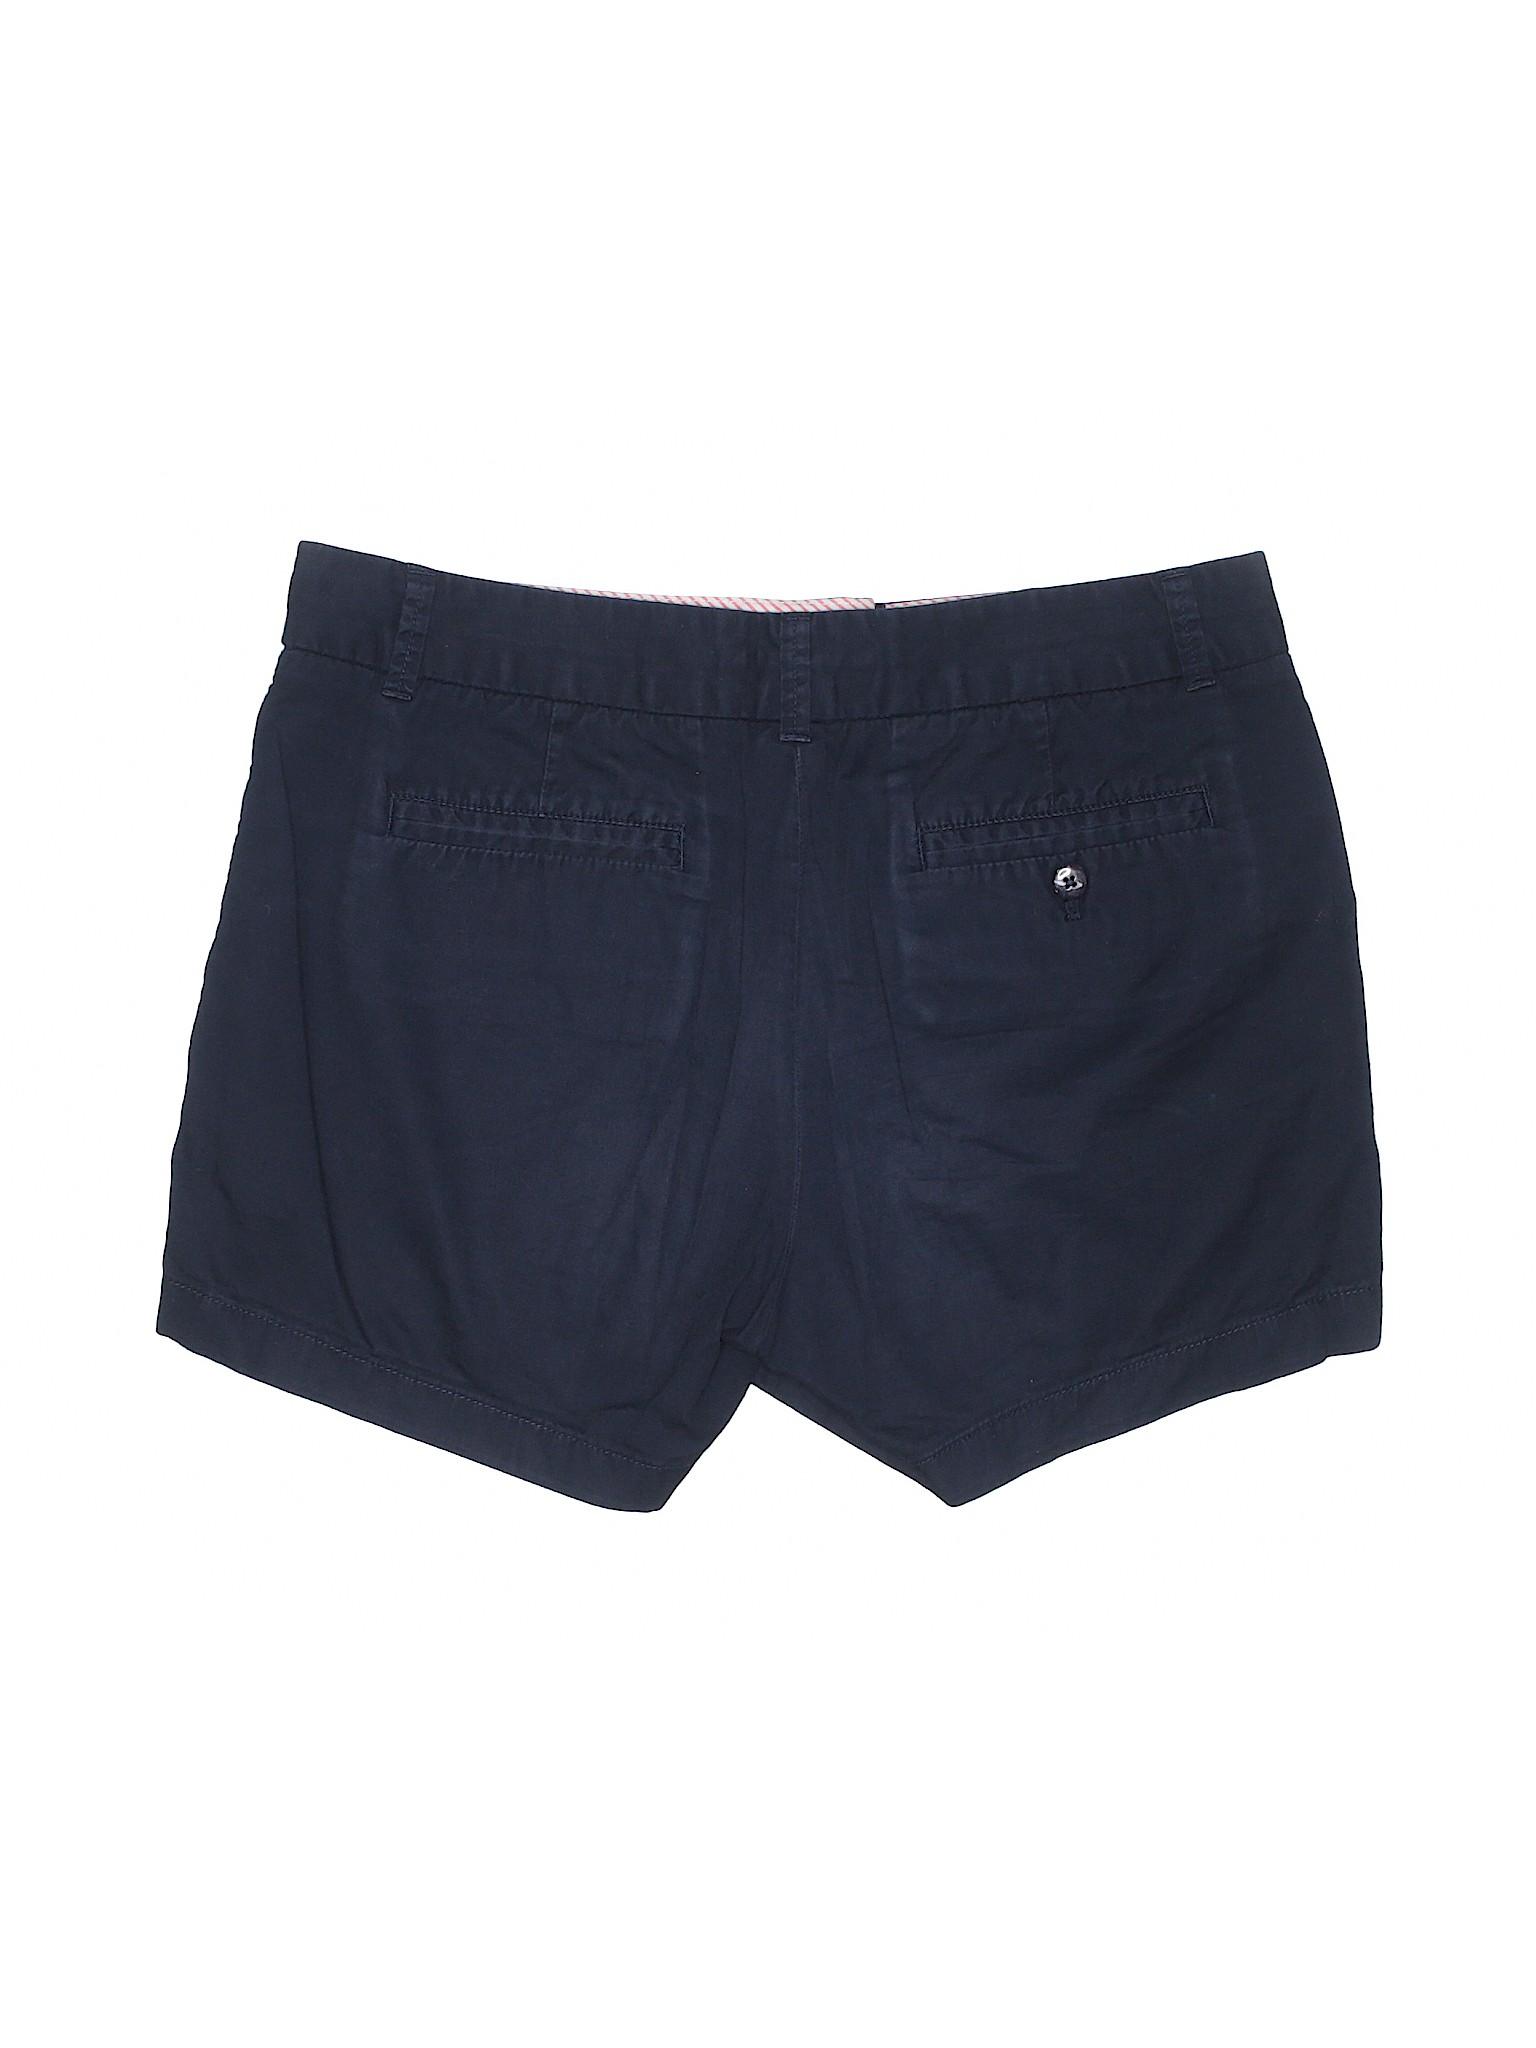 Shorts Boutique Boutique Khaki J Khaki J Boutique Shorts J Crew Crew qwU4xnqvO